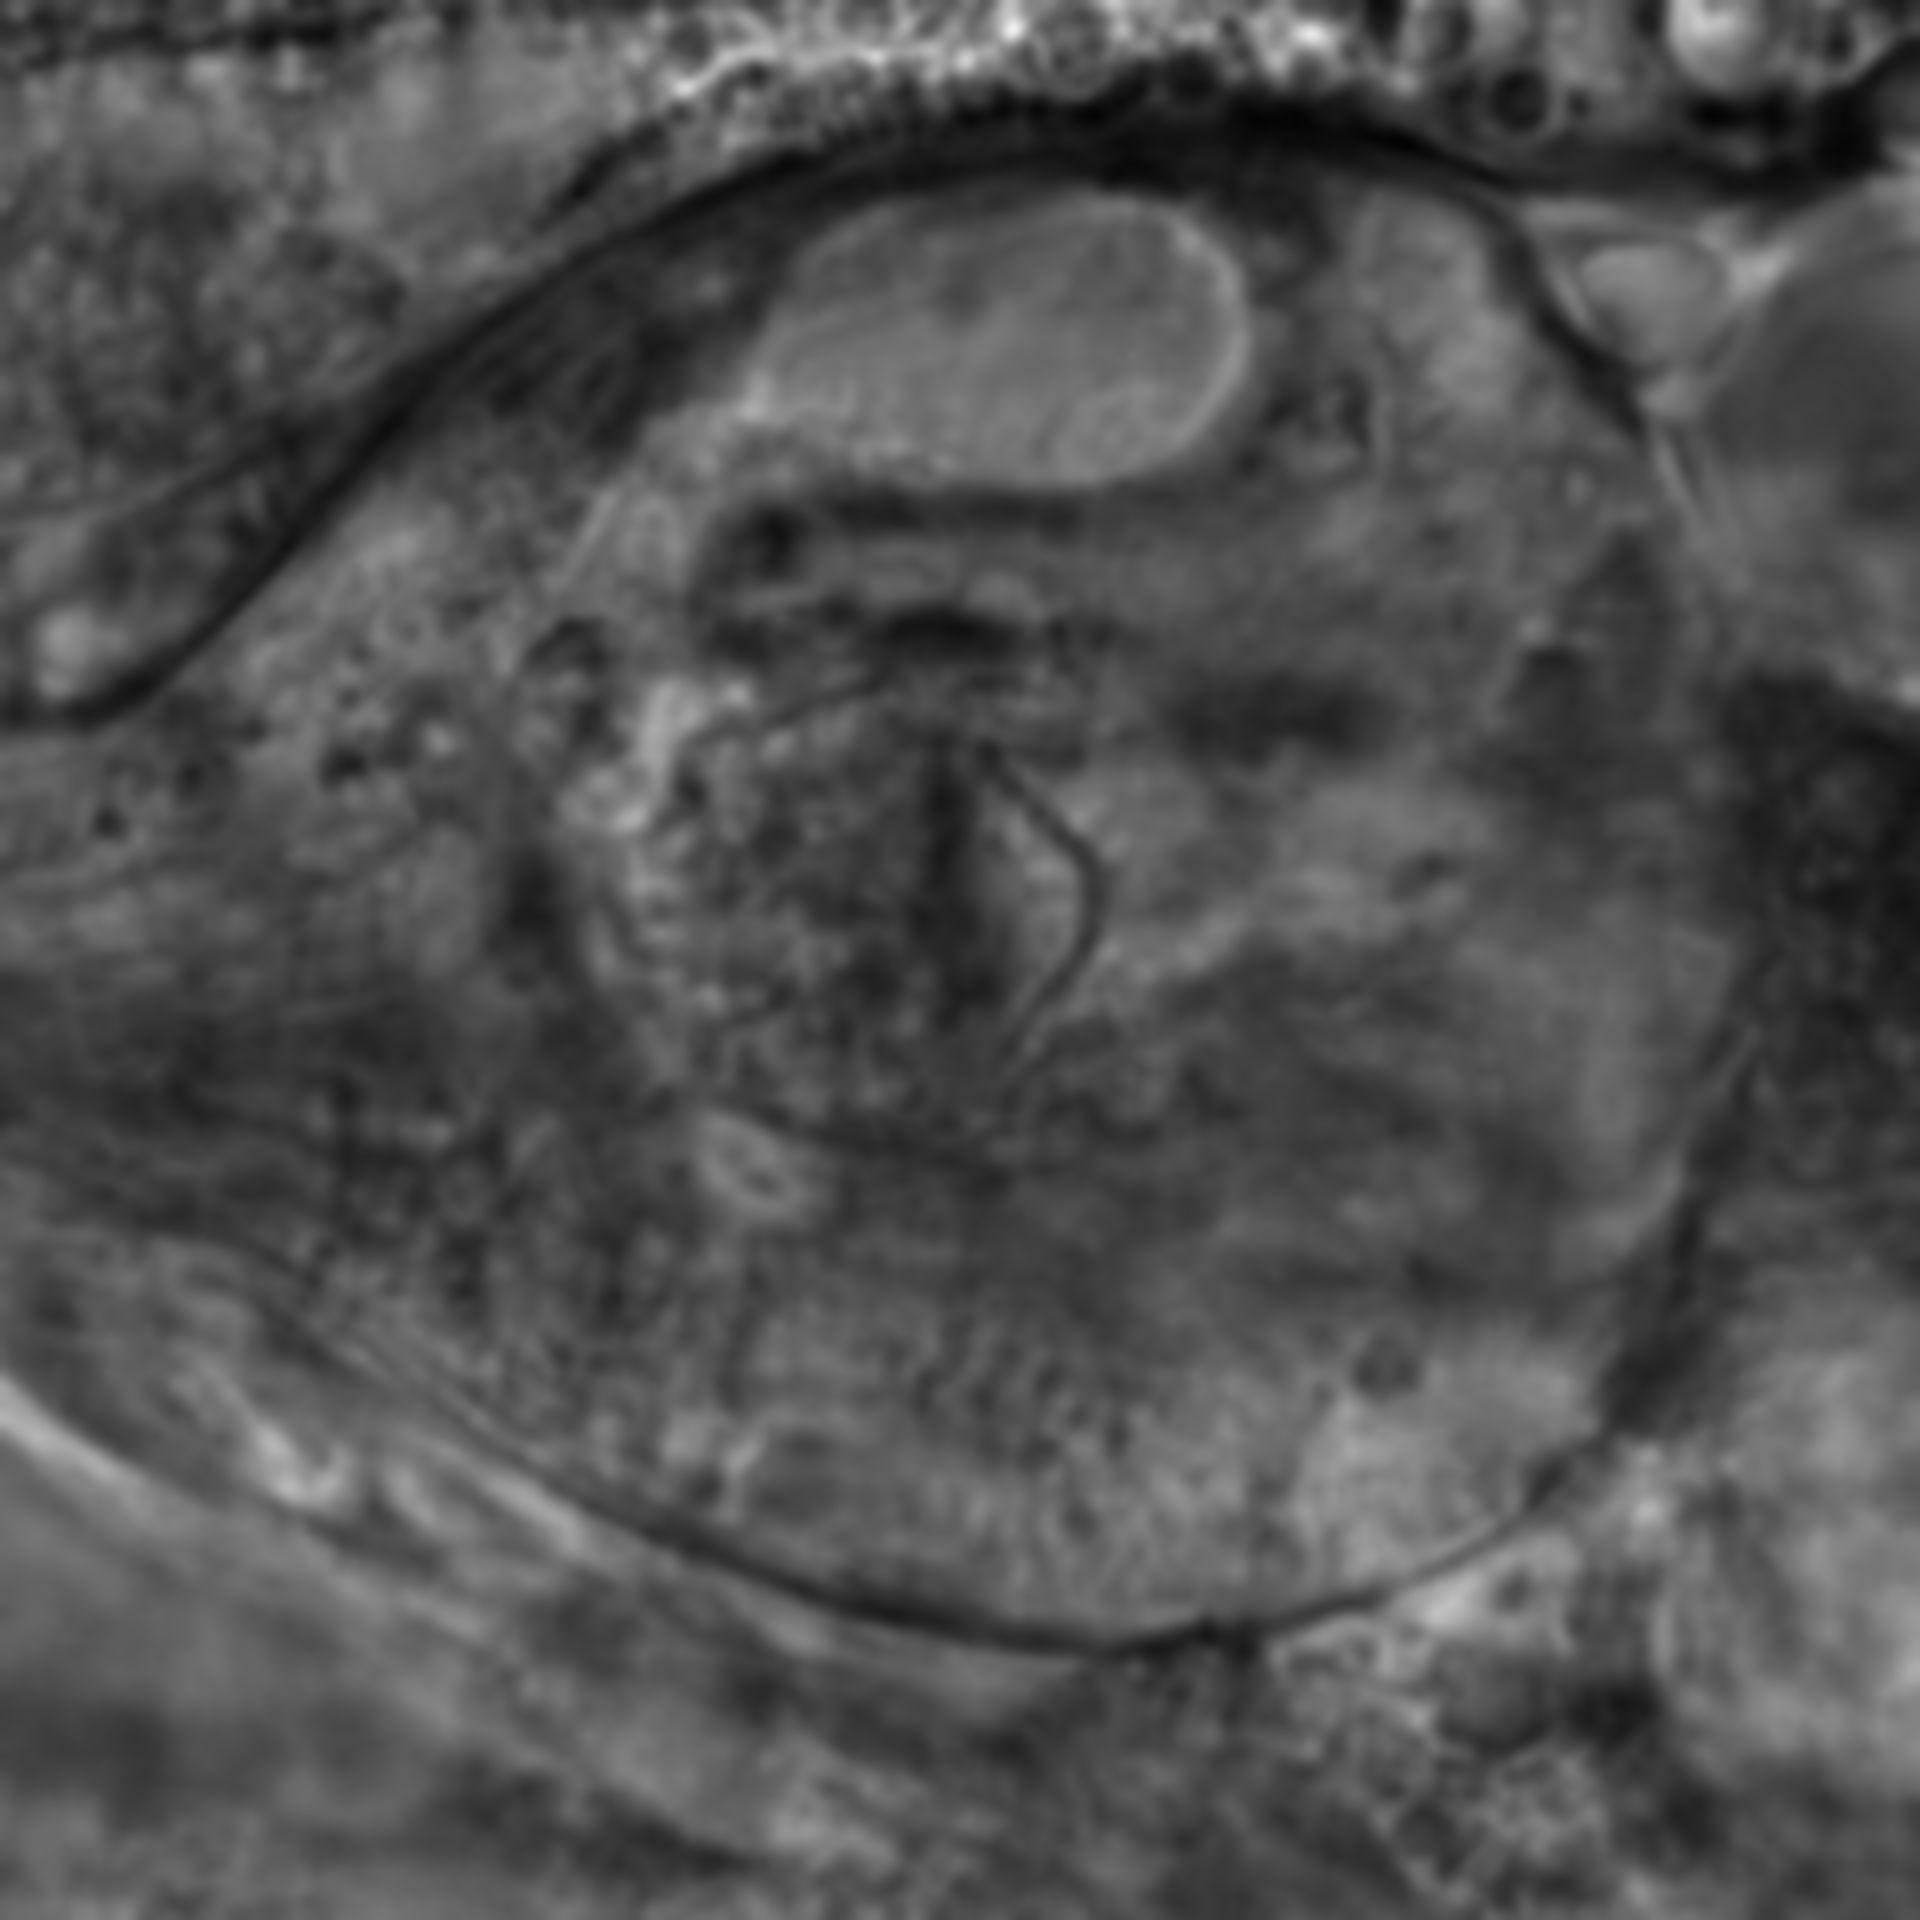 Caenorhabditis elegans - CIL:2799